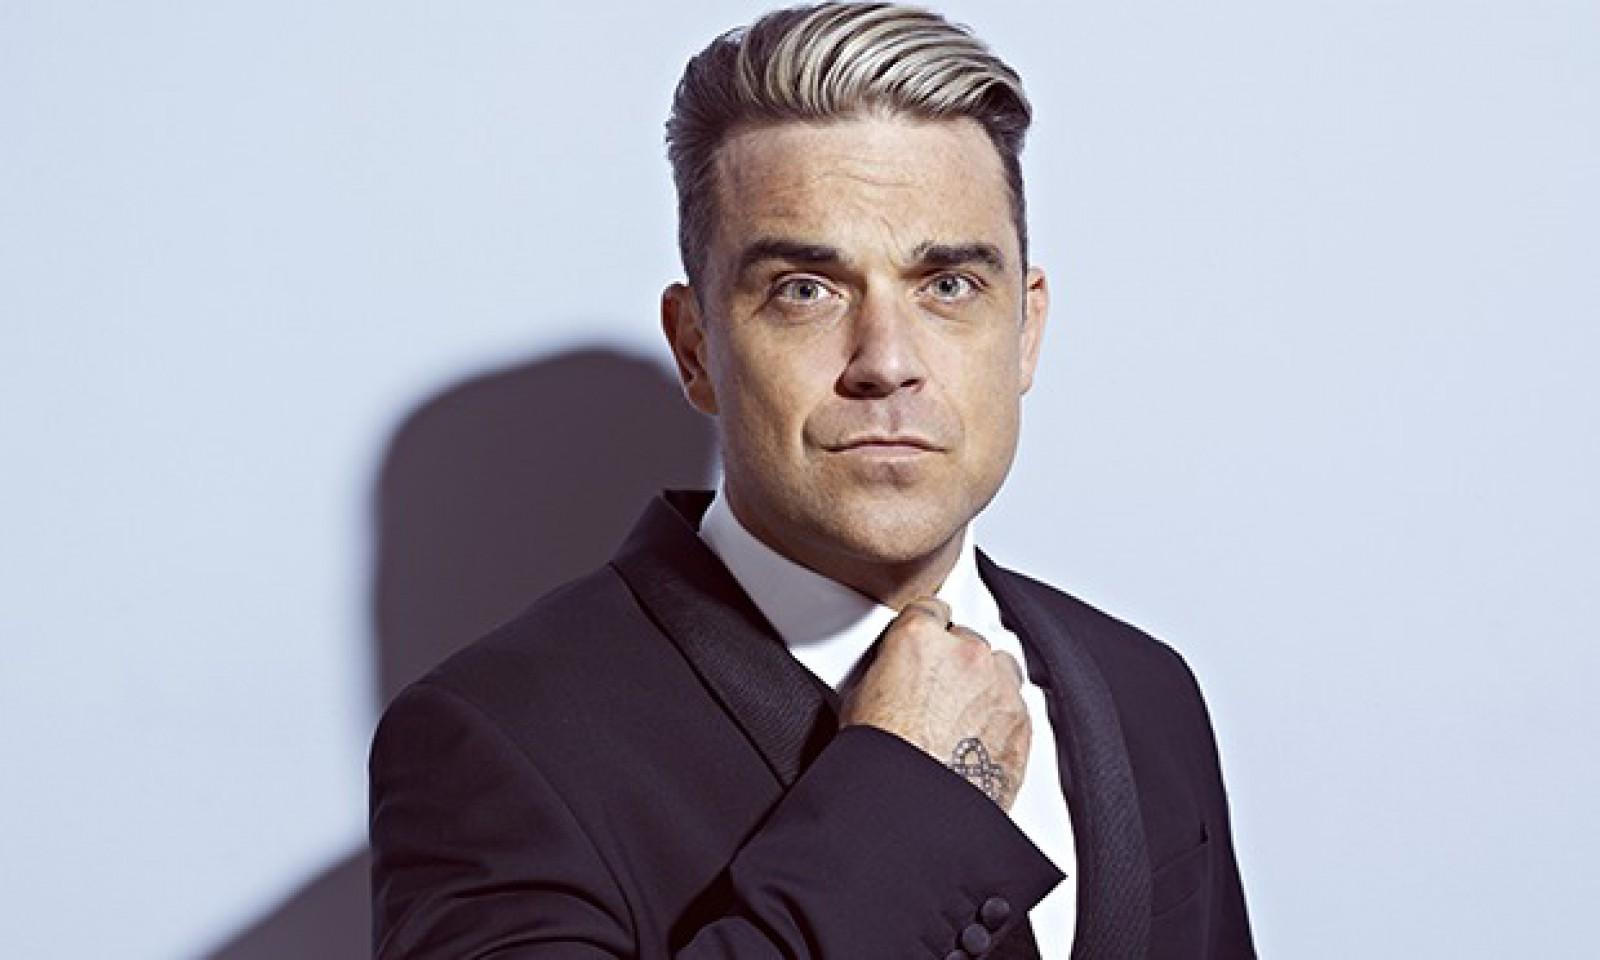 Fiica lui Robbie Williams va fi domnişoară de onoare la nunta prinţesei Eugenie a Marii Britanii